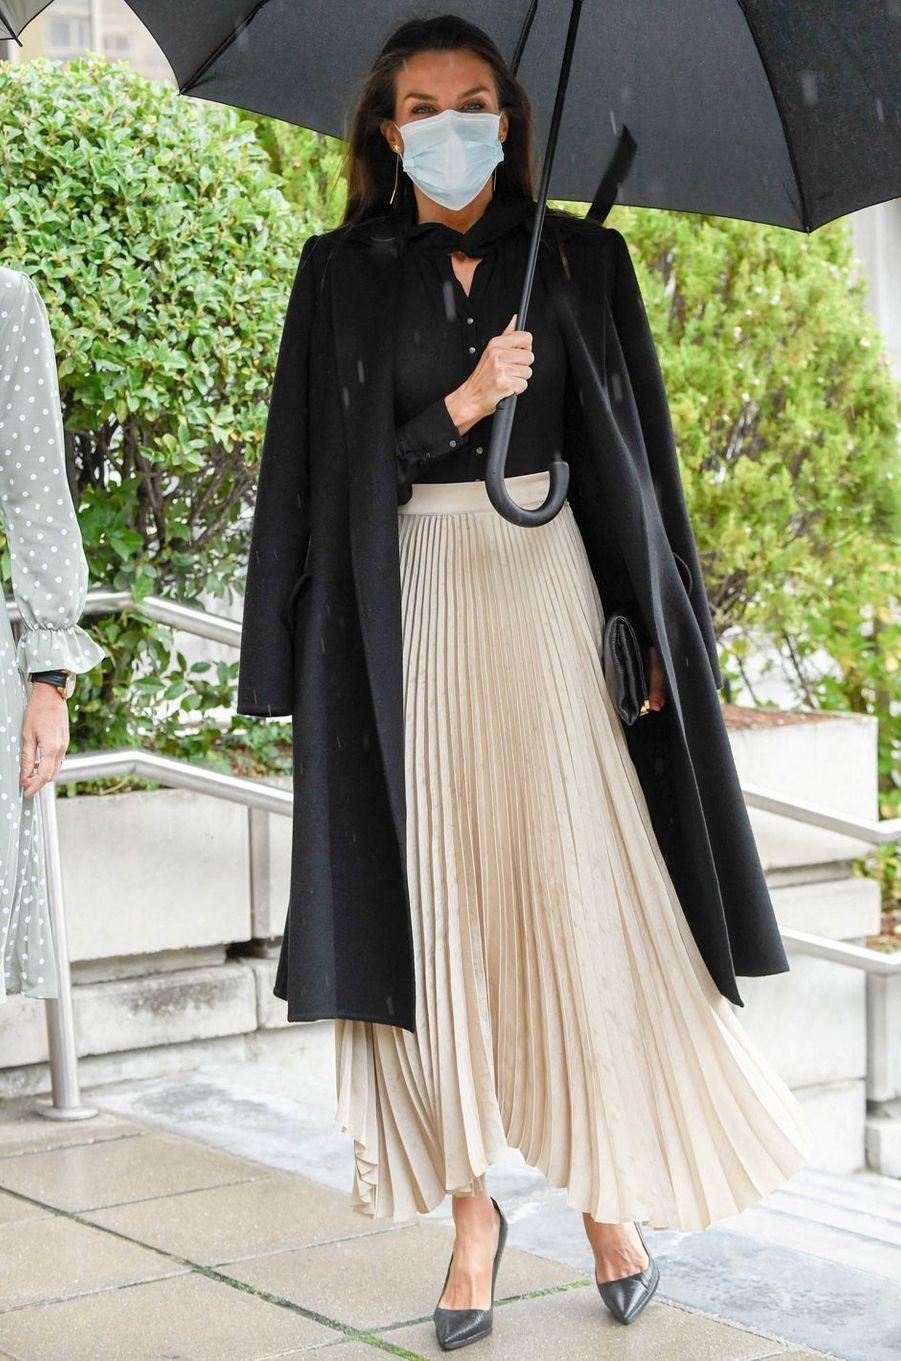 La reine Letizia d'Espagne, dans une jupe Massimo Dutti, à Madrid le 22 octobre 2020